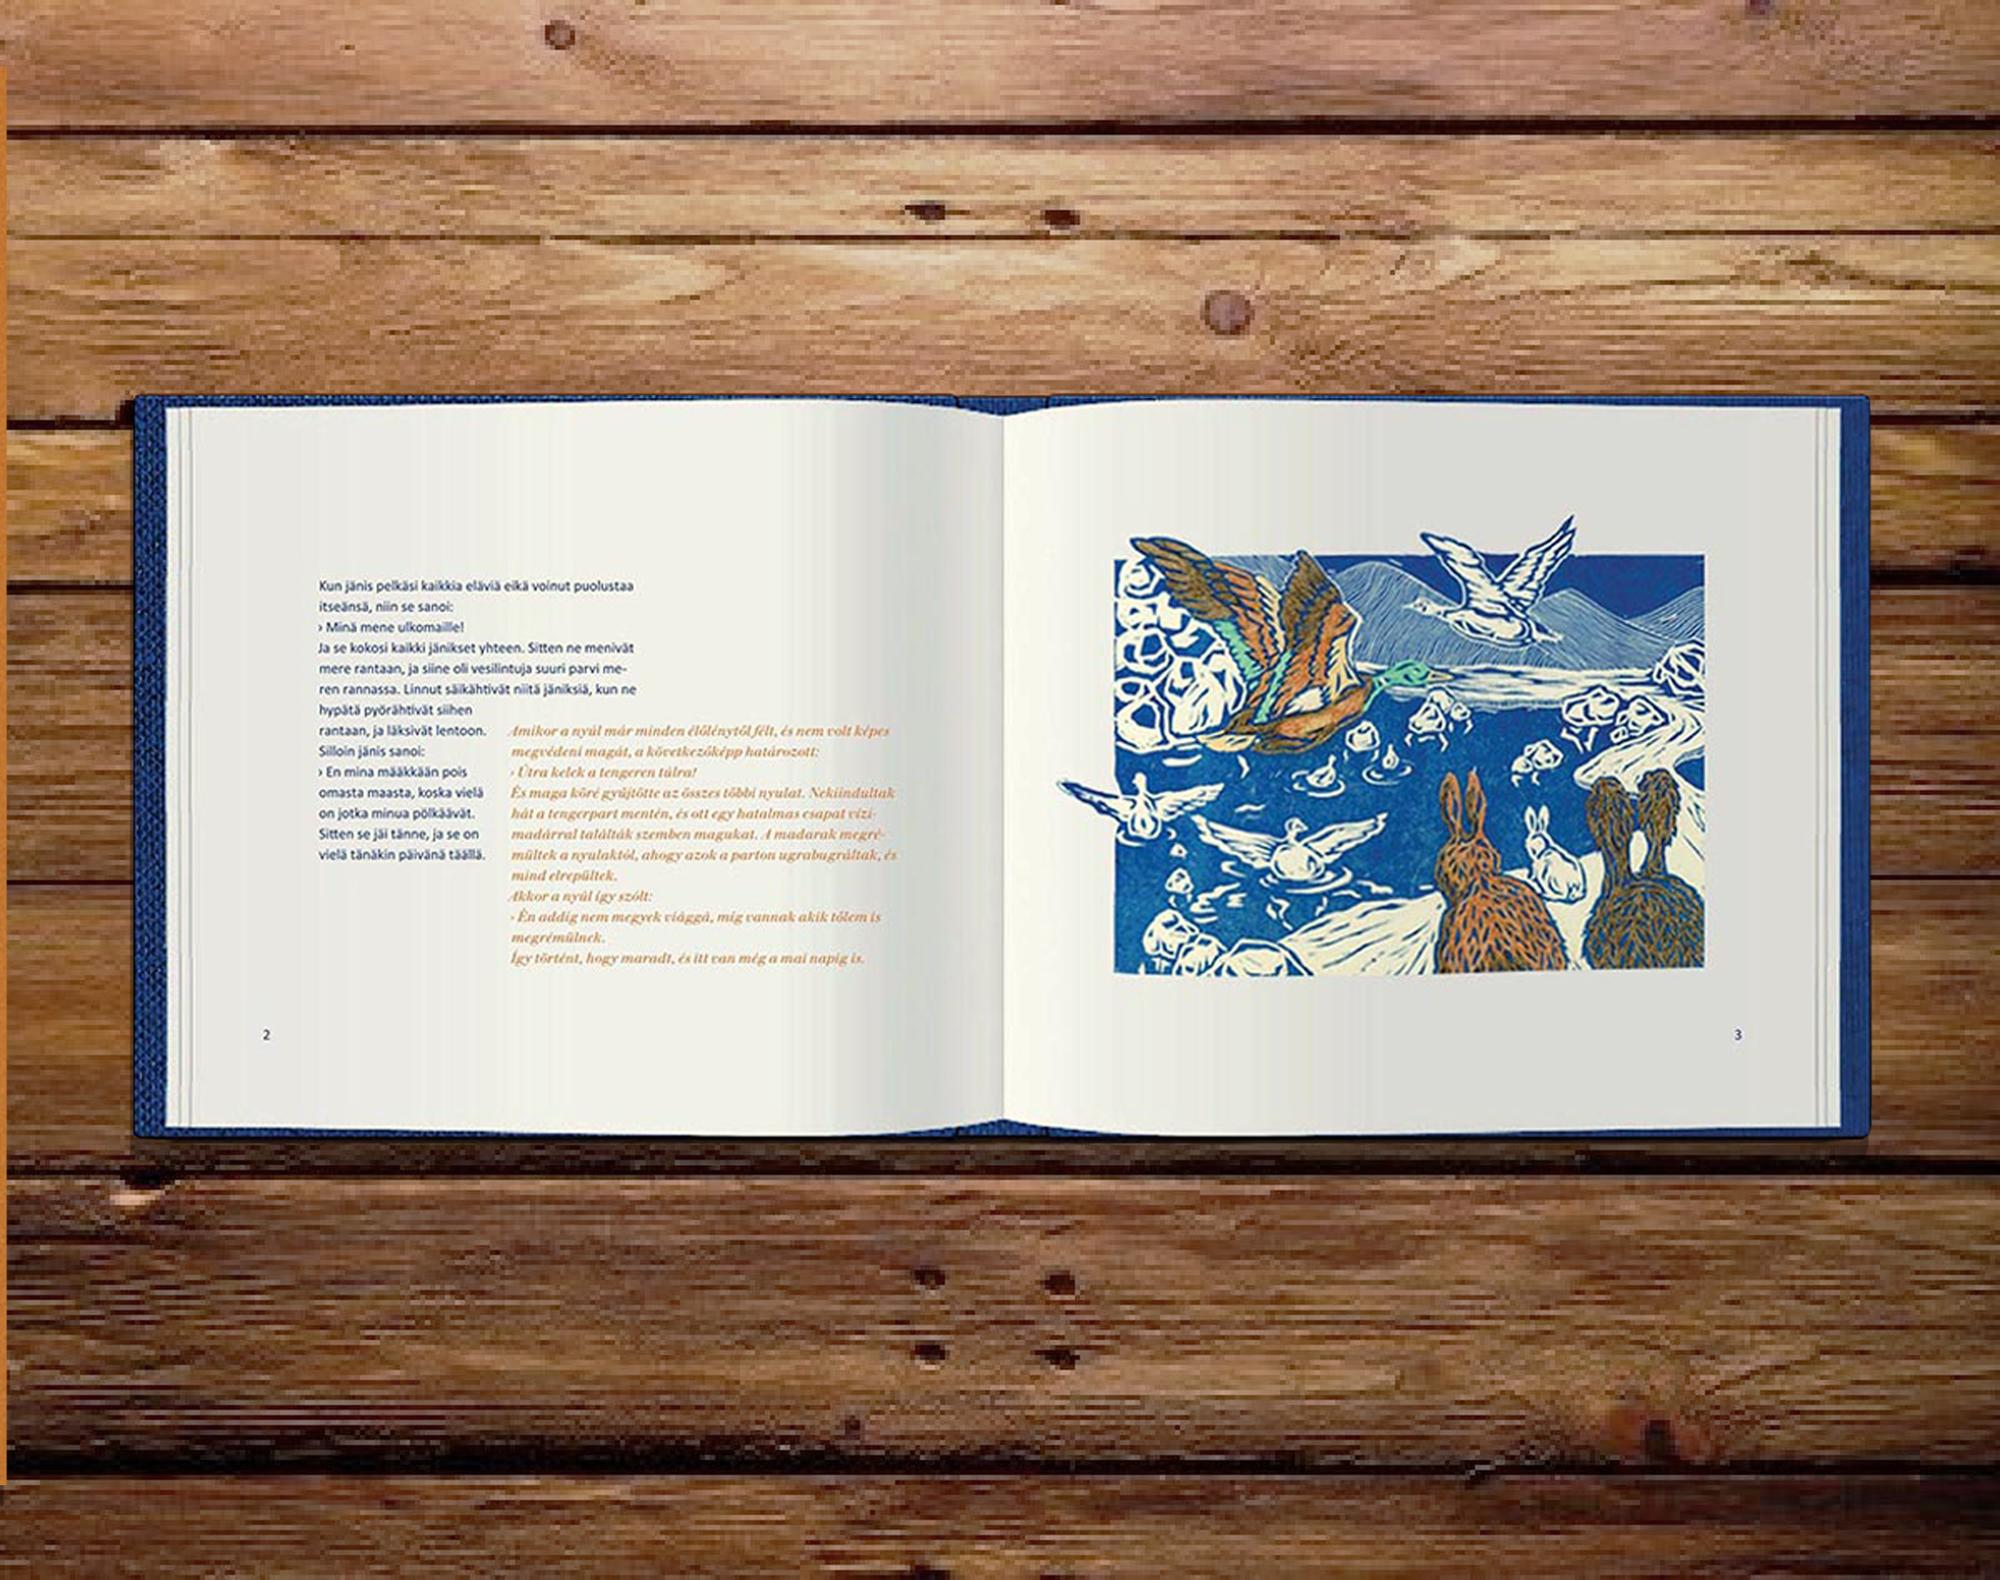 Kövi Krisztina - Suomalaisia kansansatuja - Finnish Folk Tales 05.jpg